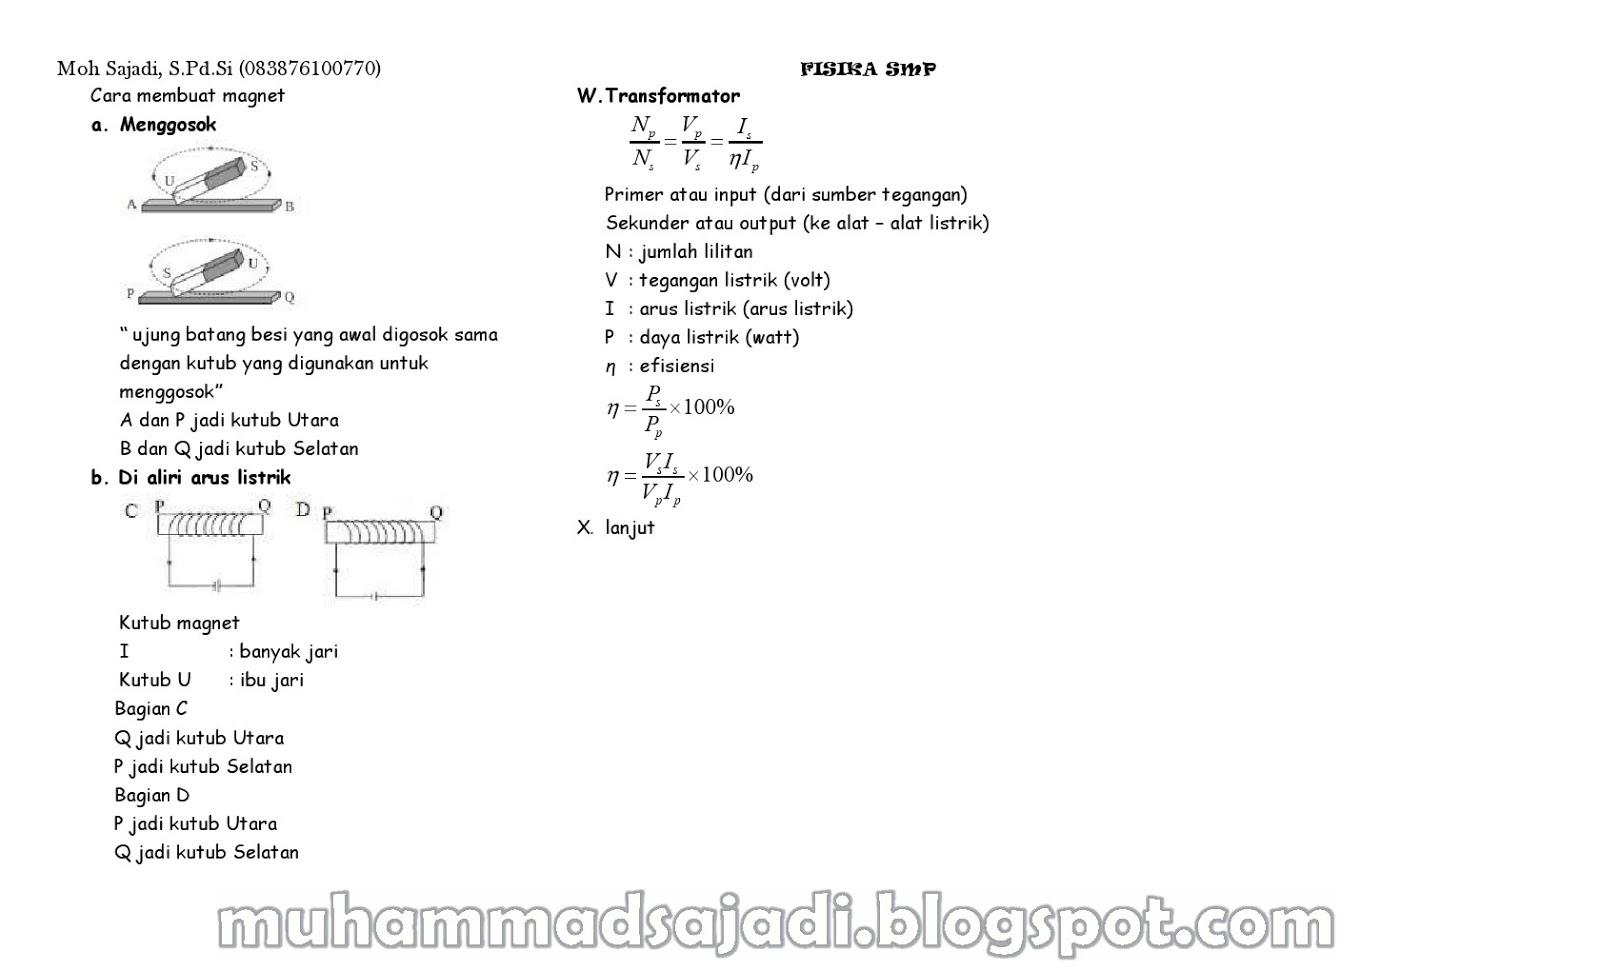 Ringkasan Materi Fisika Smp Muhammad Sajadi